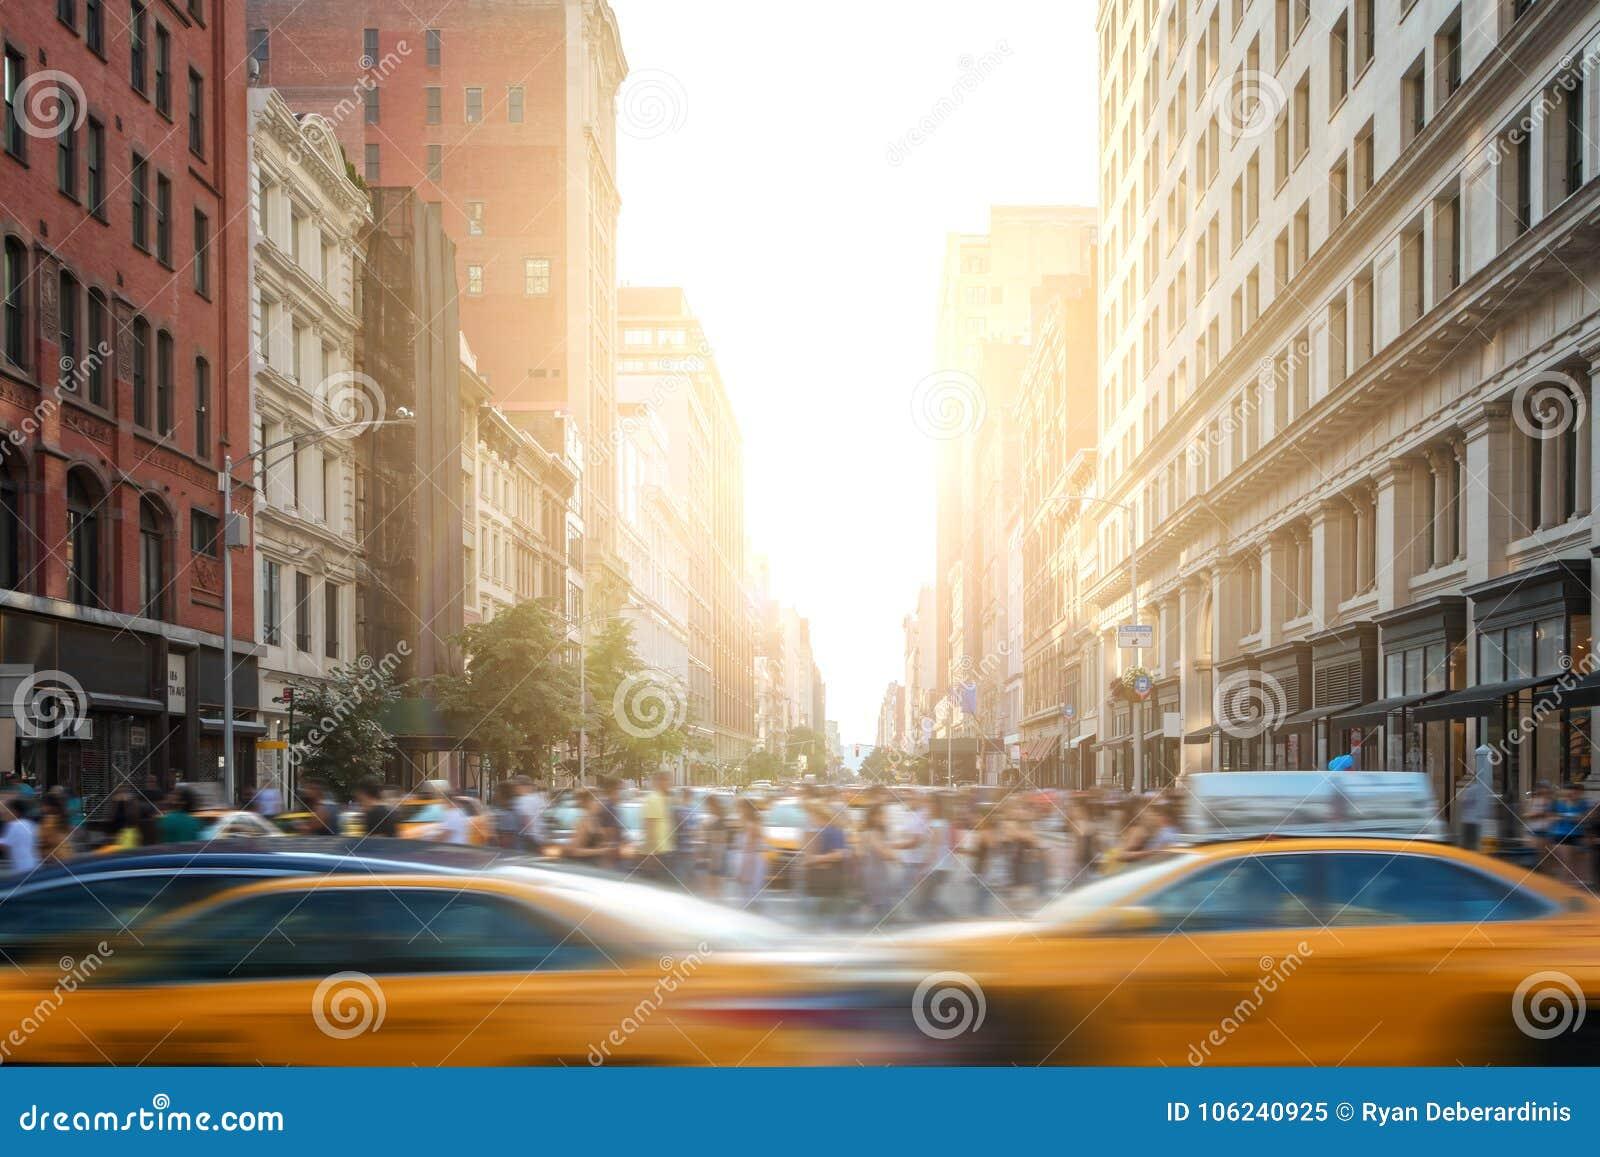 Vida rápida en escena de la calle de New York City con los taxis que conducen abajo de la 5ta avenida y muchedumbres de gente en